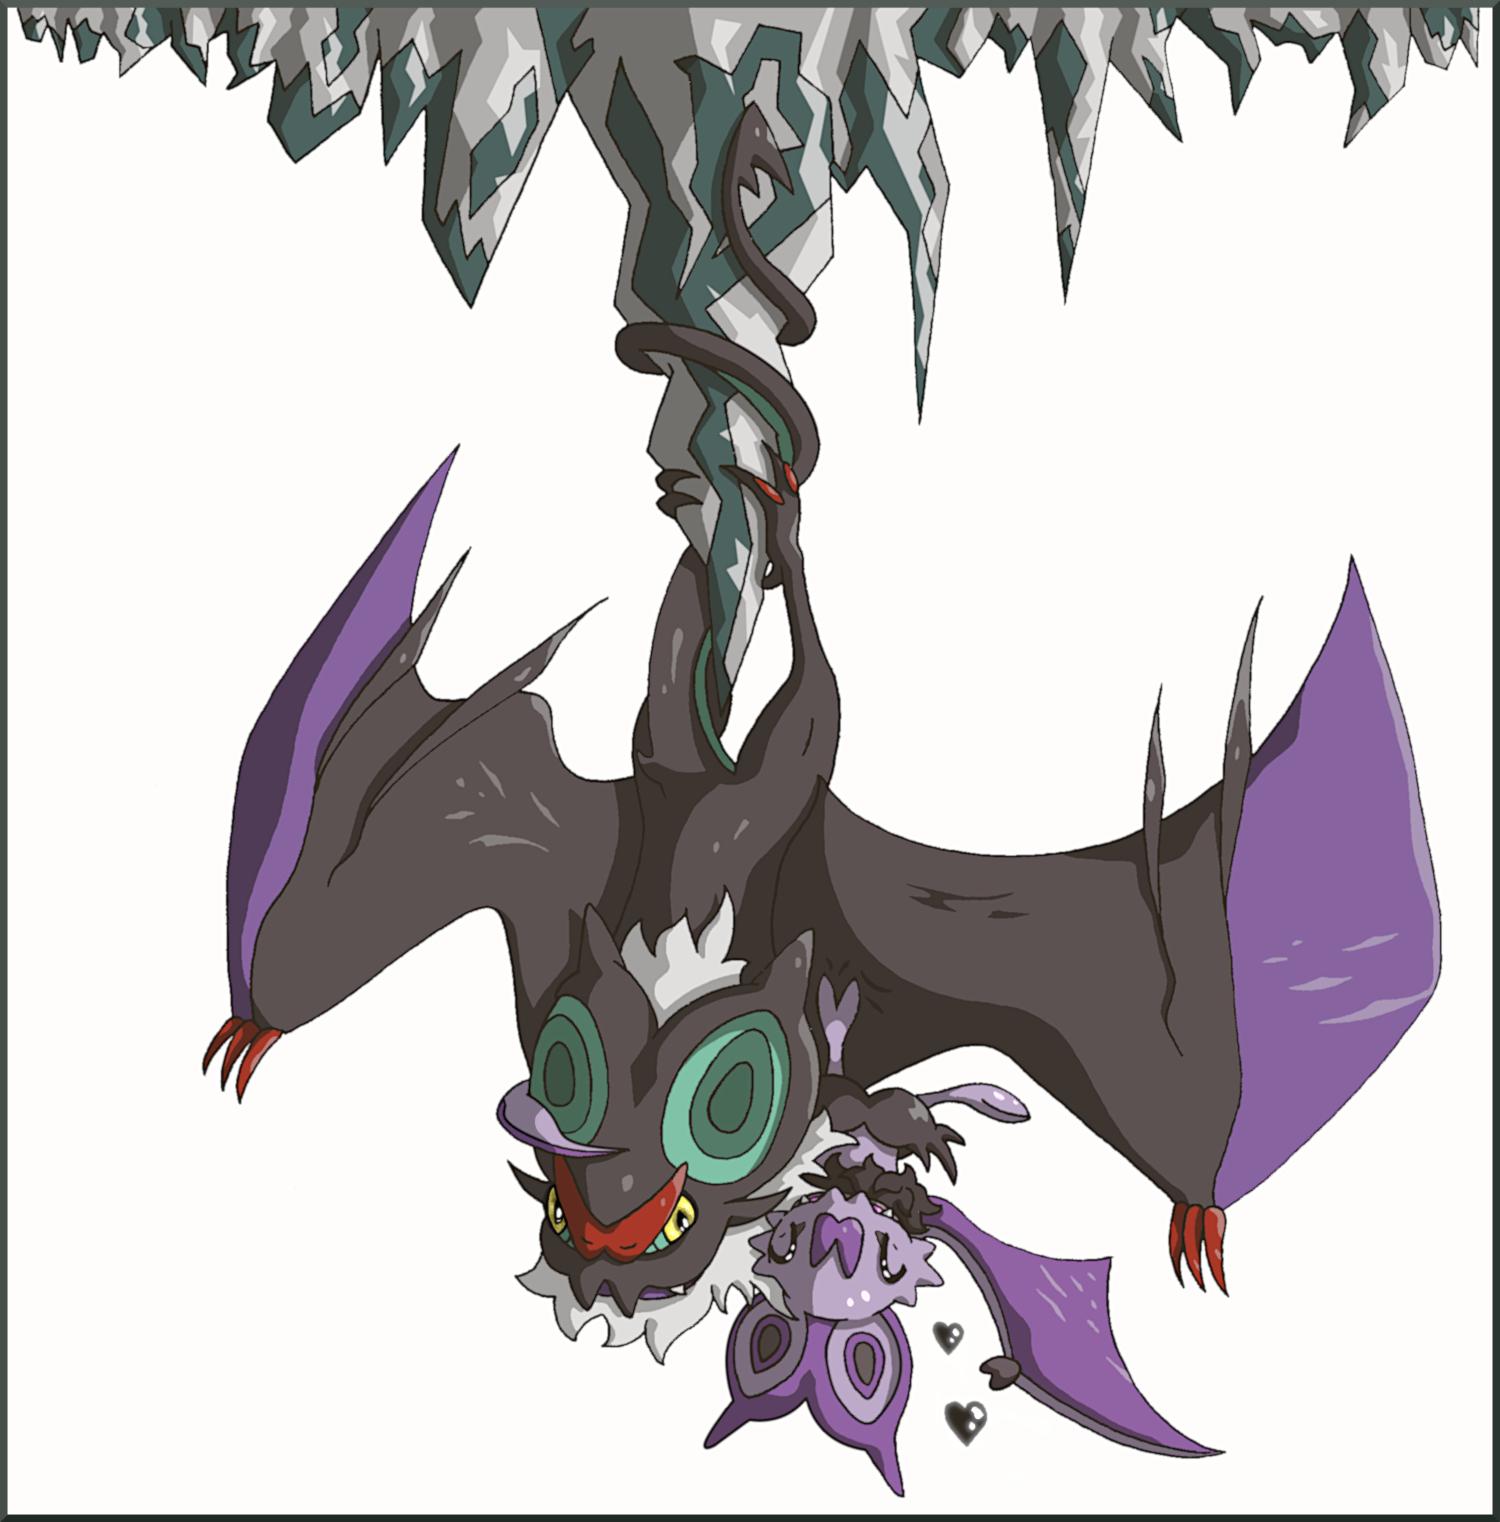 Pokémon-Zeichnung: Wyvern Roost